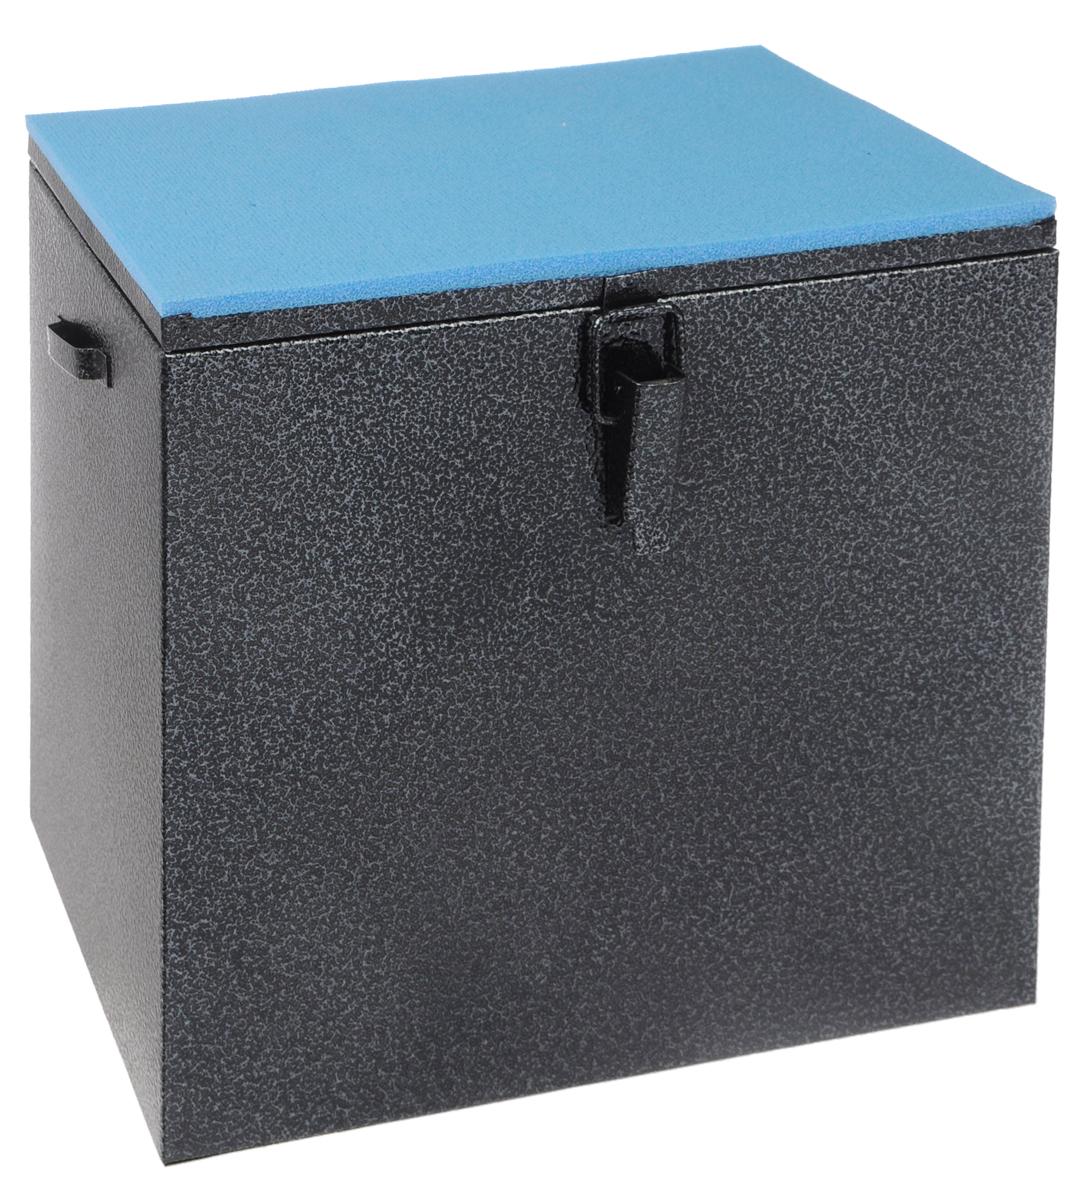 Ящик рыболова Рост, окрашенный, 30 см х 19 см х 29 см4271825Прочный и надежный ящик Рост, выполненный из высококачественной окрашенной стали, сможет не один год прослужить любителю зимней рыбалки для транспортировки снастей и улова. Служащая сиденьем верхняя часть крышки оклеена плотным теплоизолятором - пенополиэтиленом с рифленой поверхностью. Внутренний объем ящика разделен перегородкой, придающей конструкции дополнительную жесткость. Боковые стенки емкости снабжены петлями для крепления идущего в комплекте плечевого ремня.